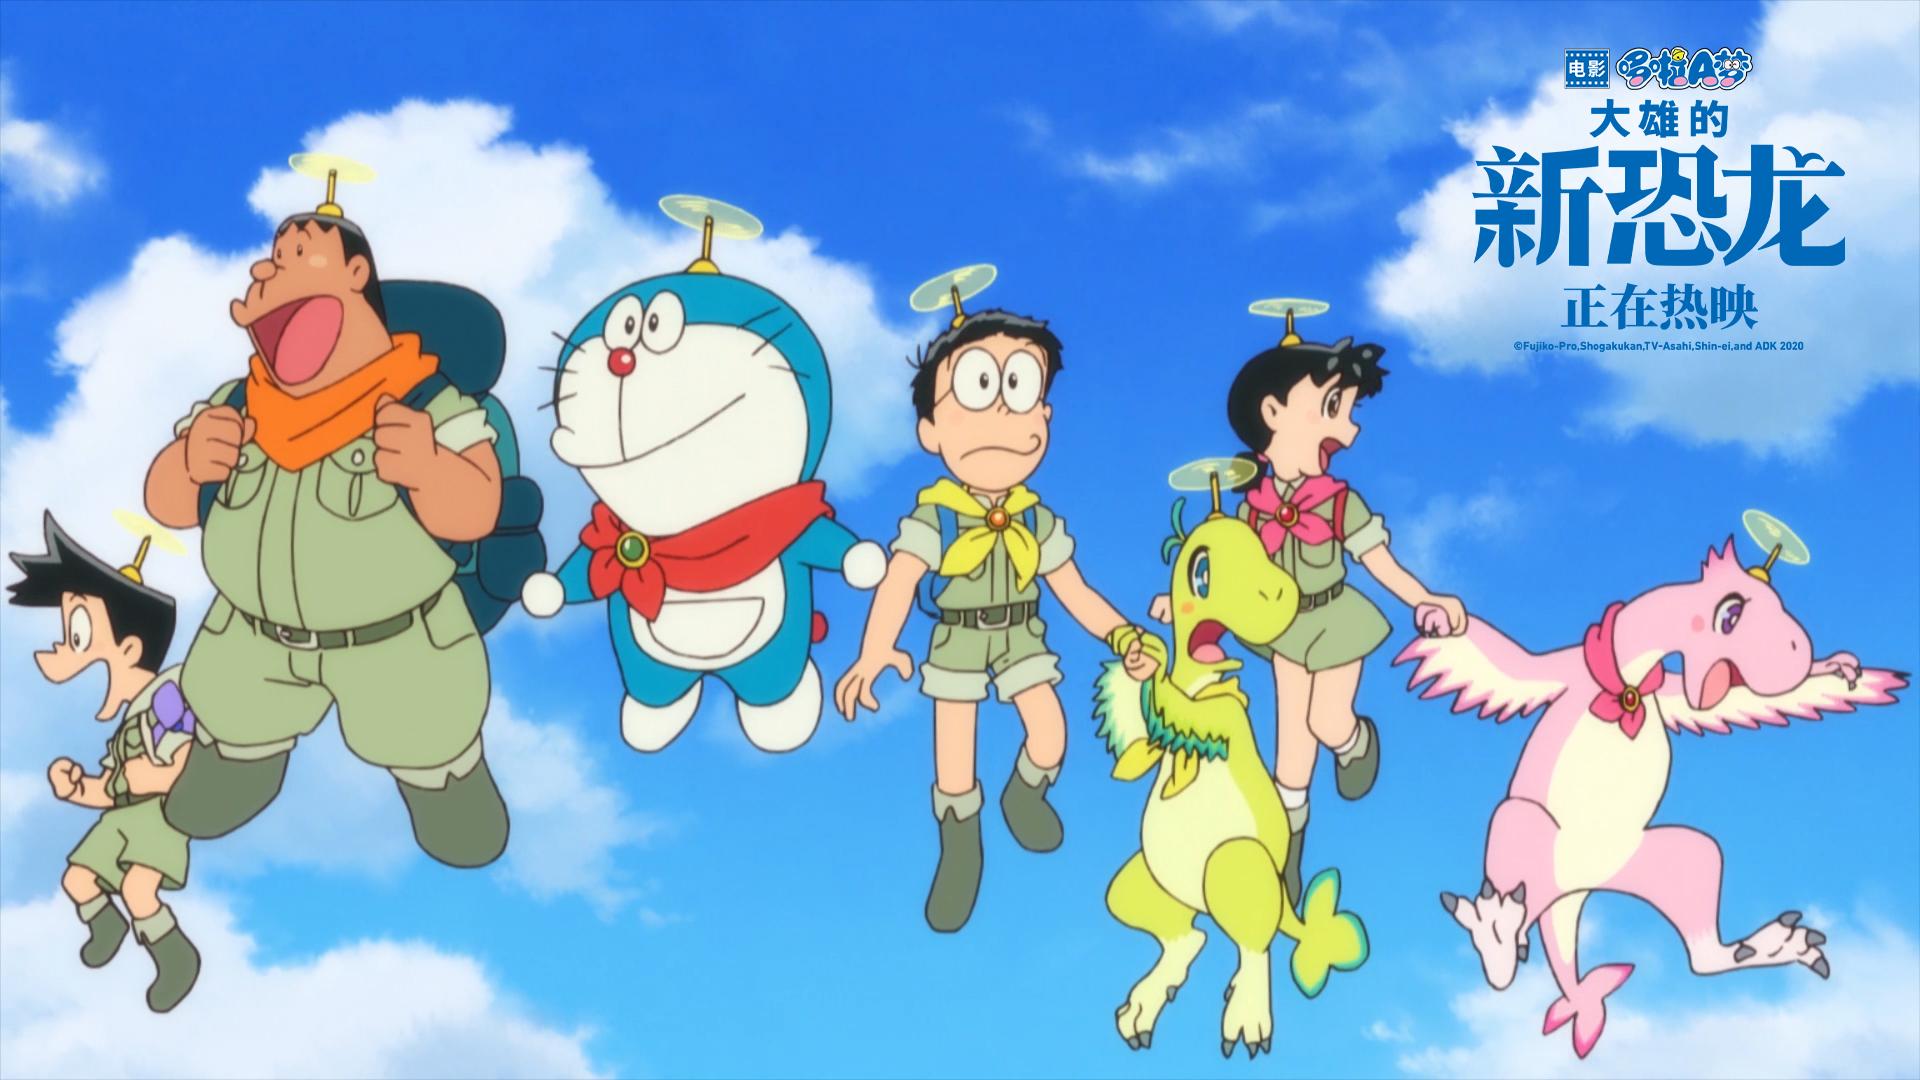 《哆啦A梦:大雄的新恐龙》合家欢观影不容错过